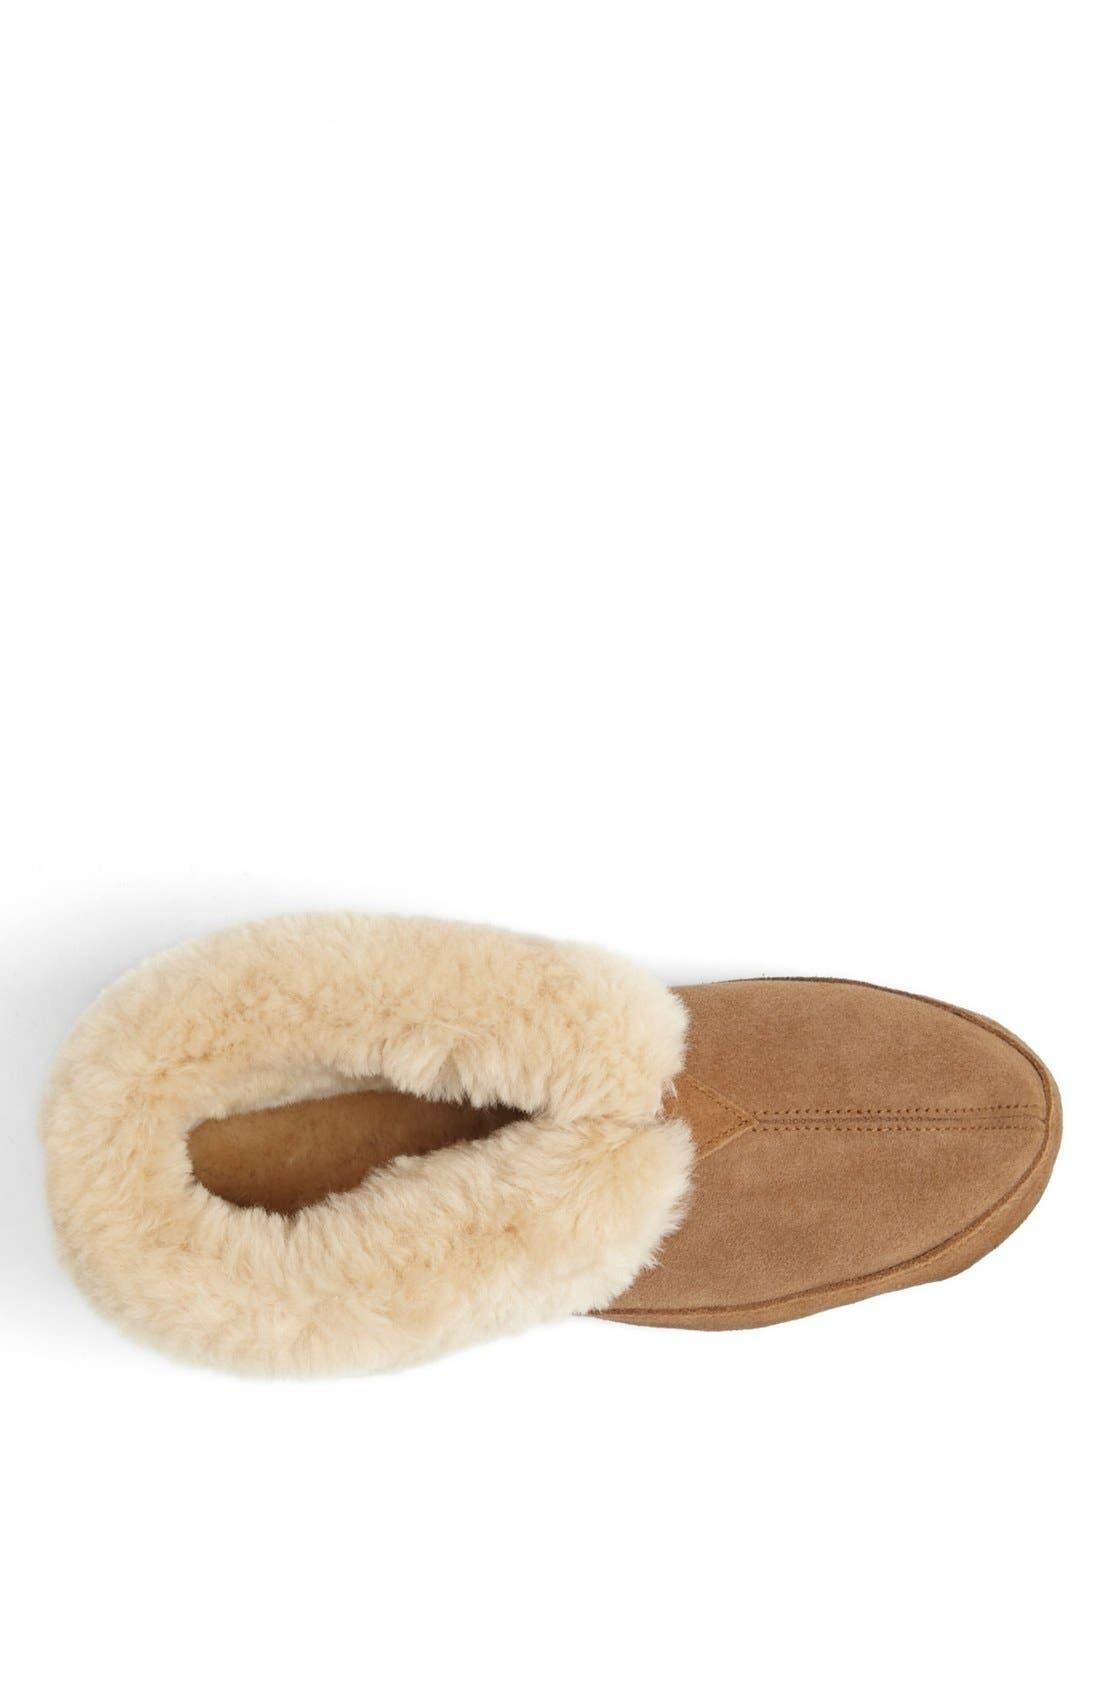 Genuine Sheepskin Slipper,                             Alternate thumbnail 3, color,                             Walnut